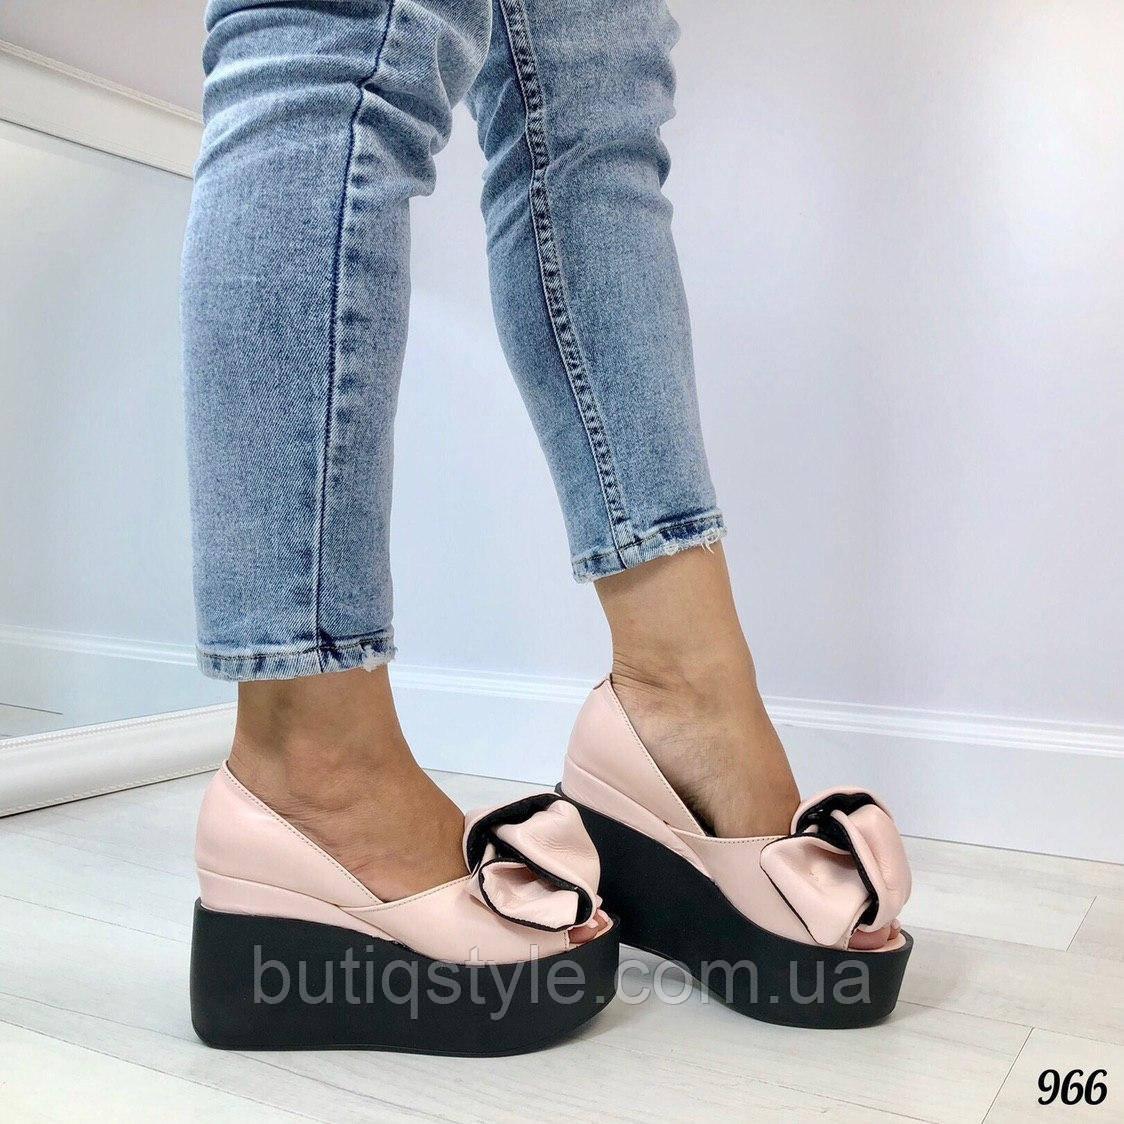 Красивые женские туфли пудра с бантом на черной платформе открытый носок натуральная кожа